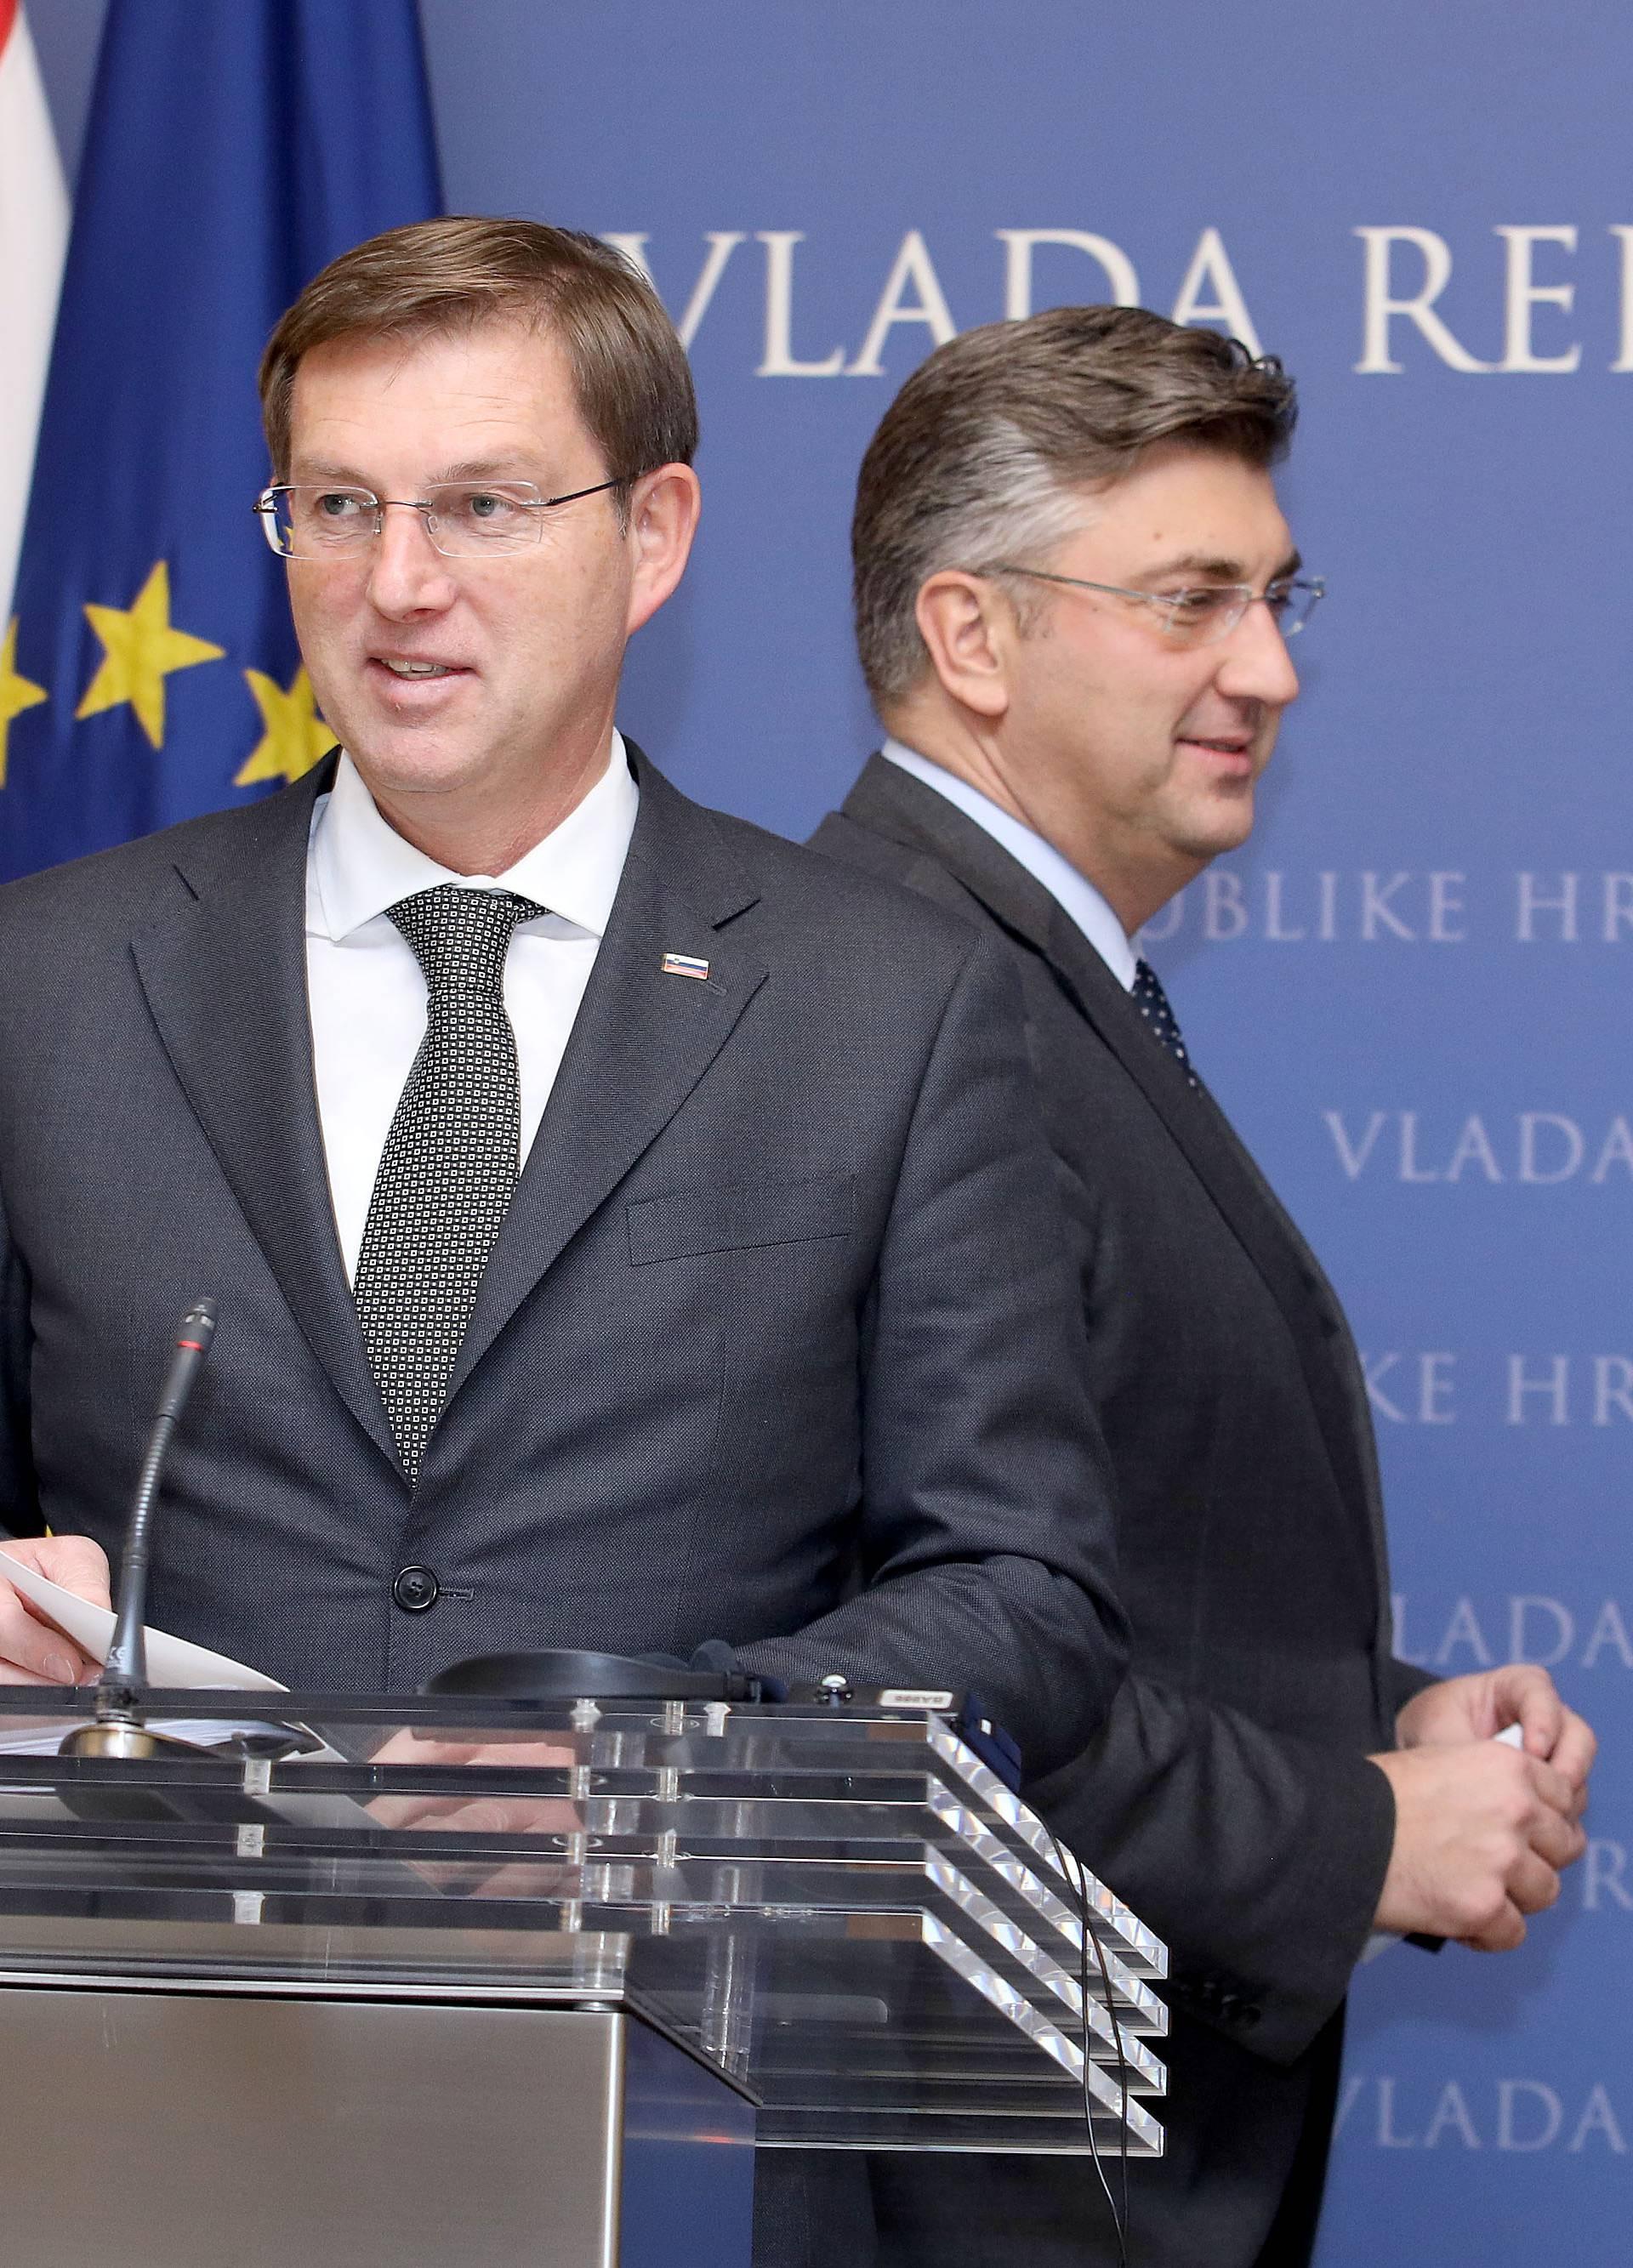 Miro Cerar: Nije bilo nikakvog dogovora s Hrvatima o granici